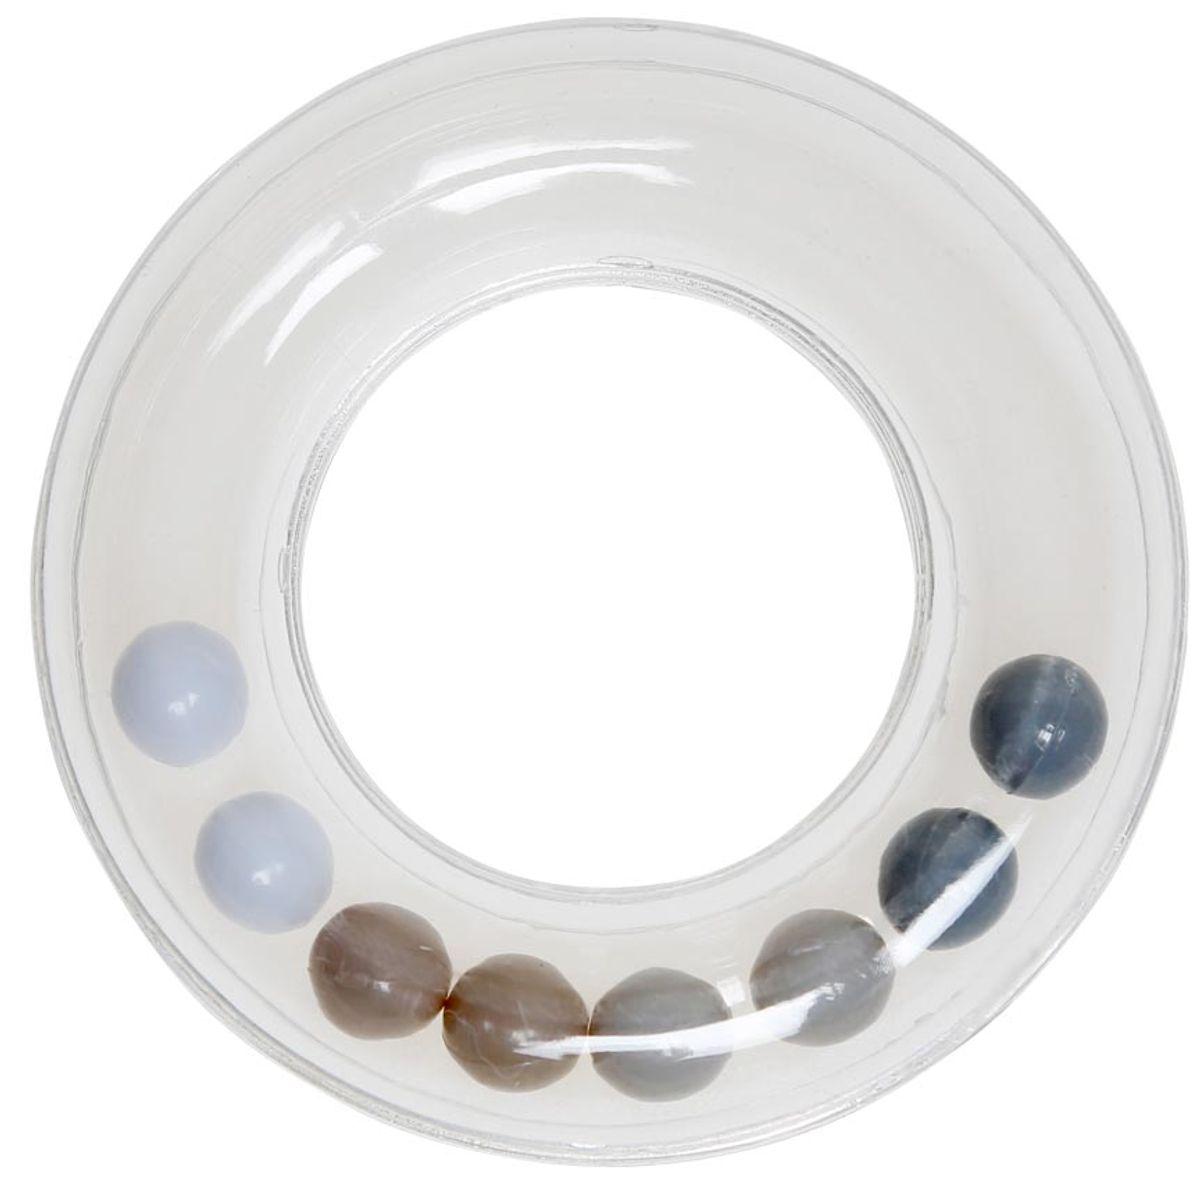 Anneau hochet transparent avec perles 63 mm - Gris